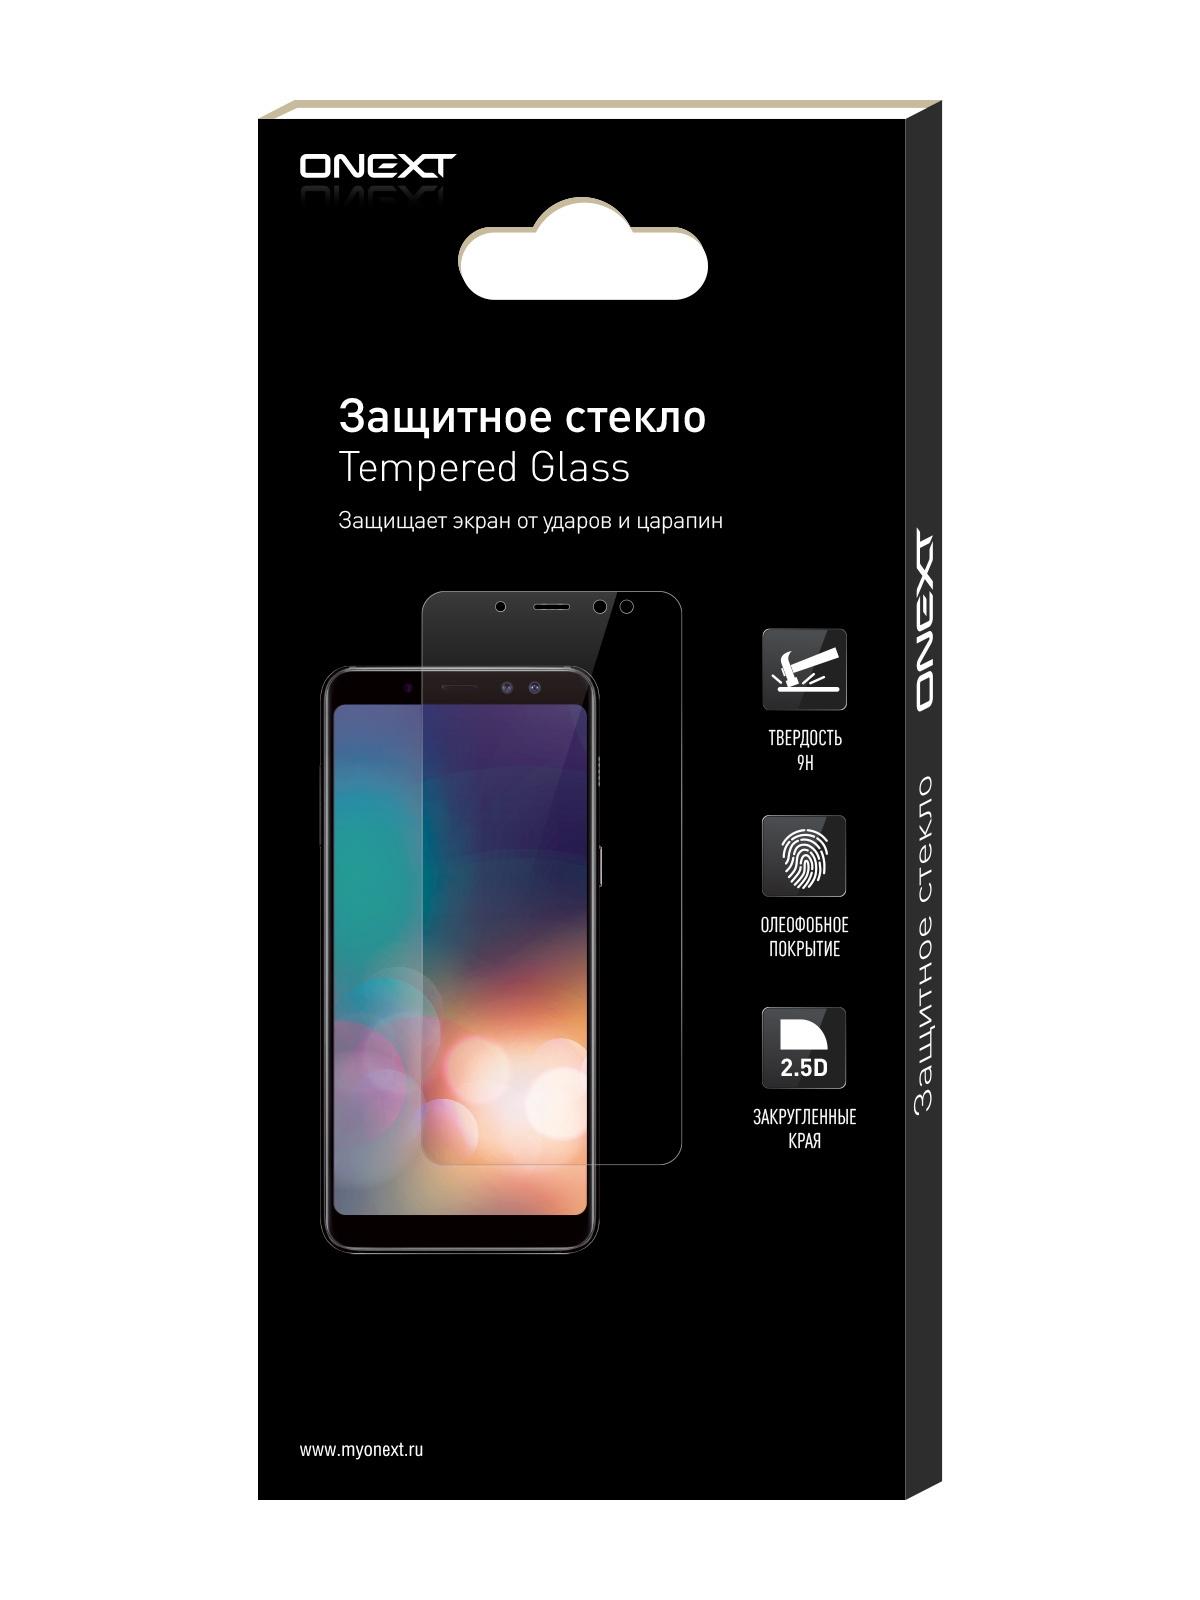 Защитное стекло ONEXT Sony Xperia C5 Ultra